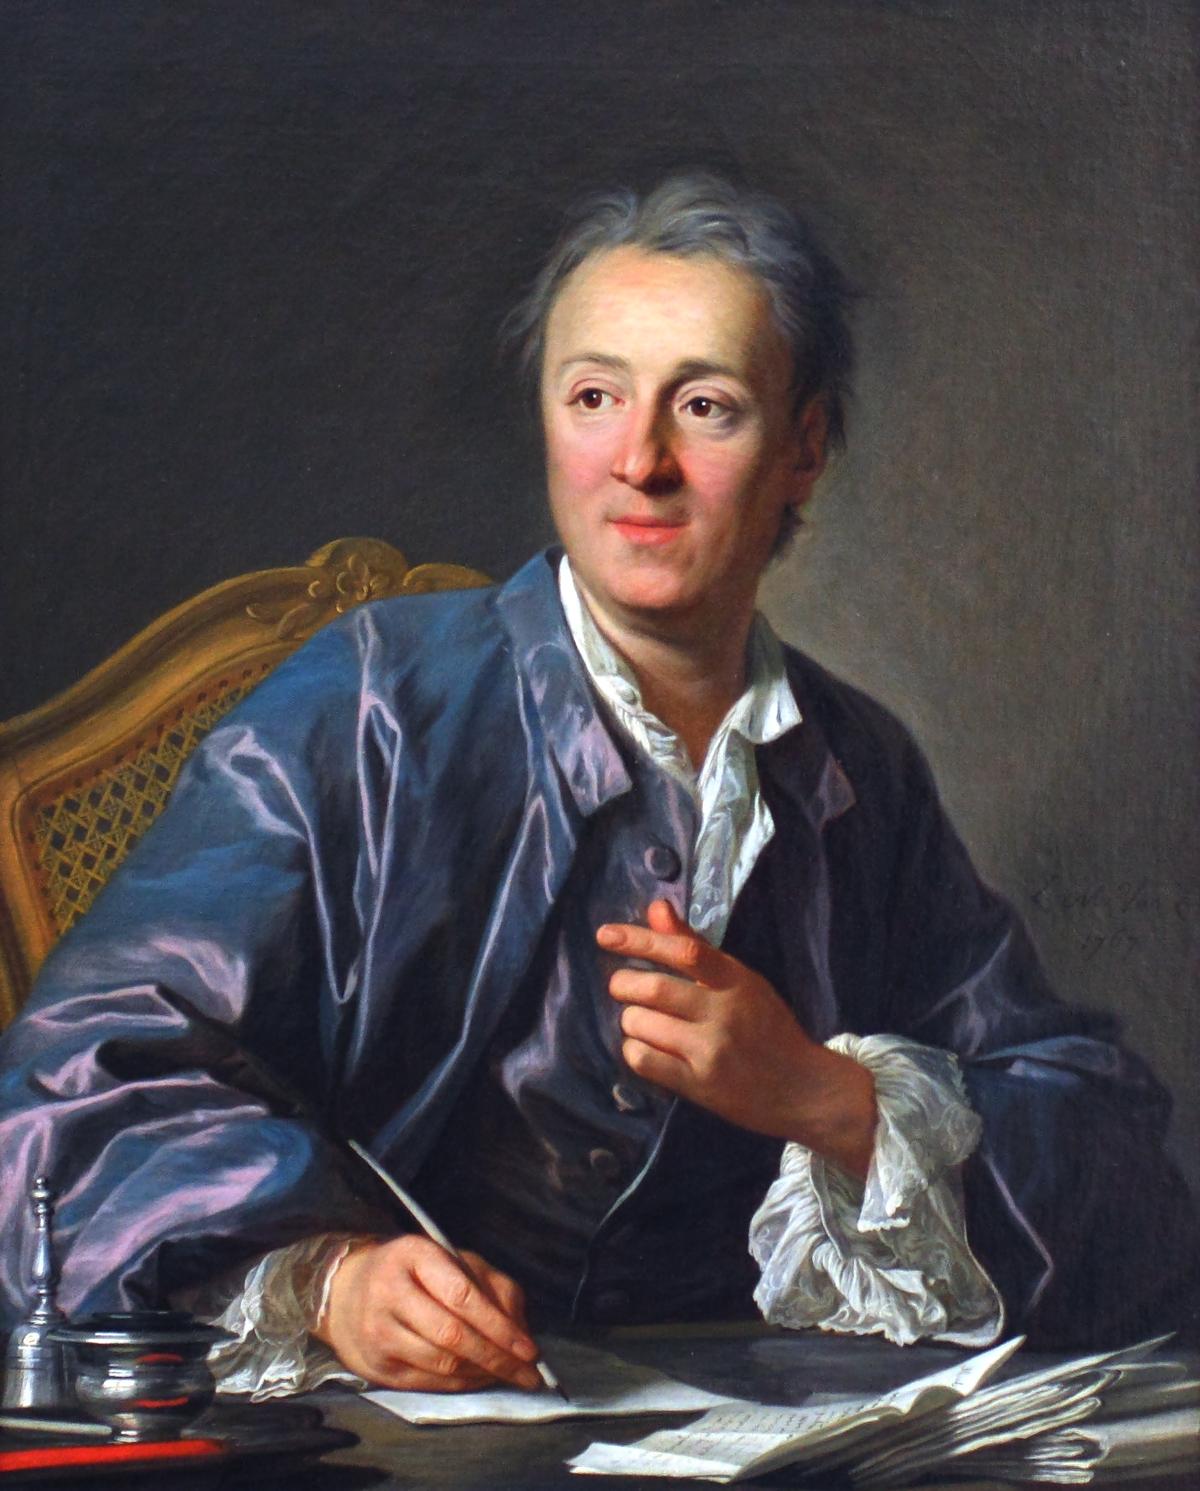 Ο Ντενί Ντιντερό (Denis Diderot, 5 Οκτωβρίου 1713 – 31 Ιουλίου 1784) ήταν Γάλλος φιλόσοφος και συγγραφέας.